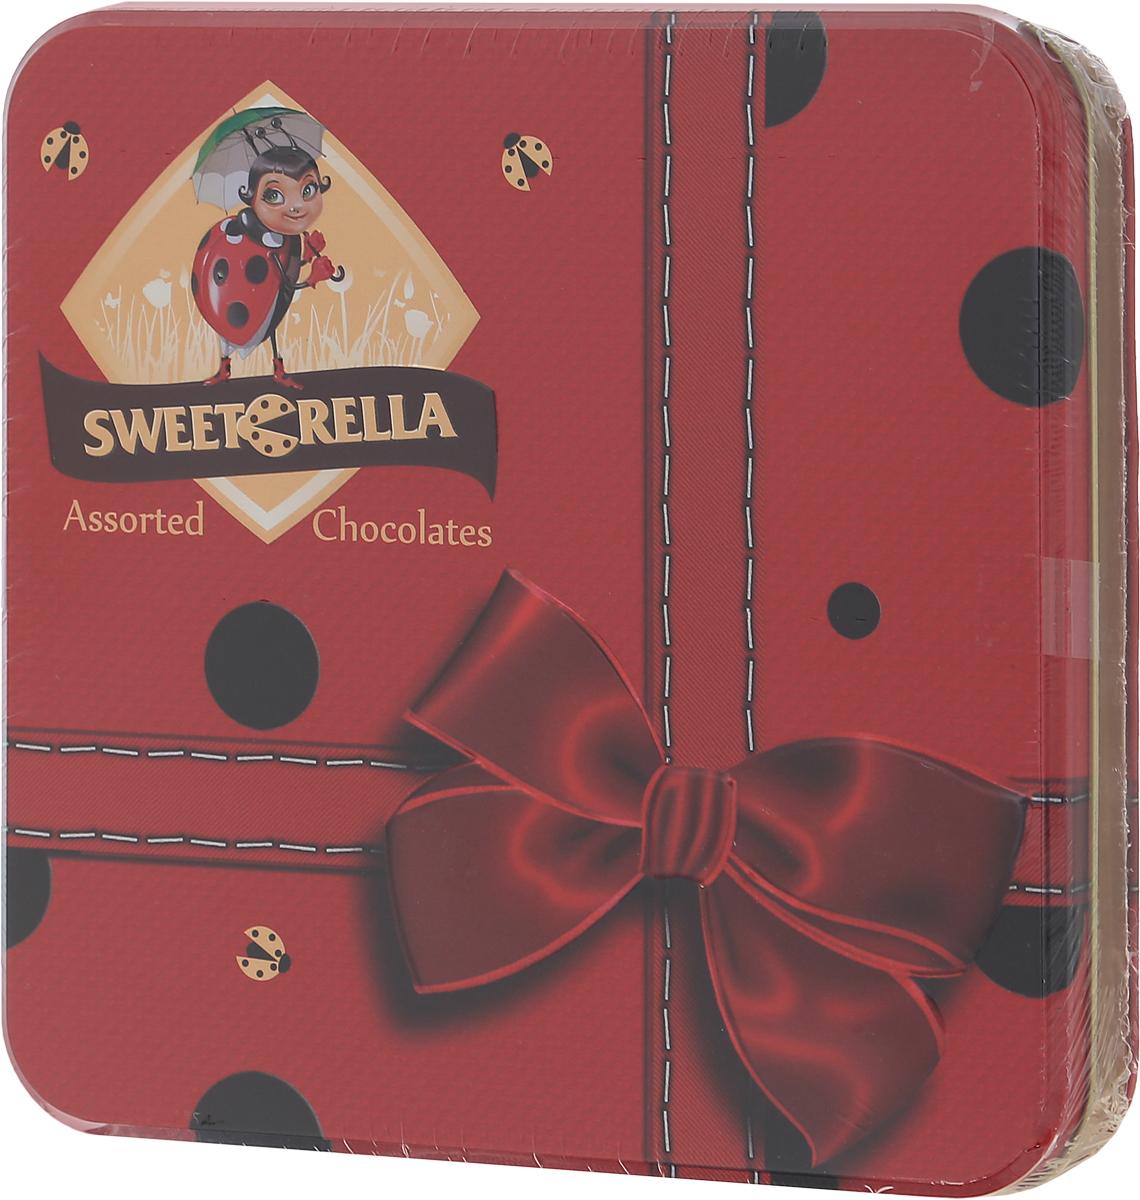 Sweeterella набор шоколадных конфет эксклюзив шоколадного ассорти, 193 г иба015